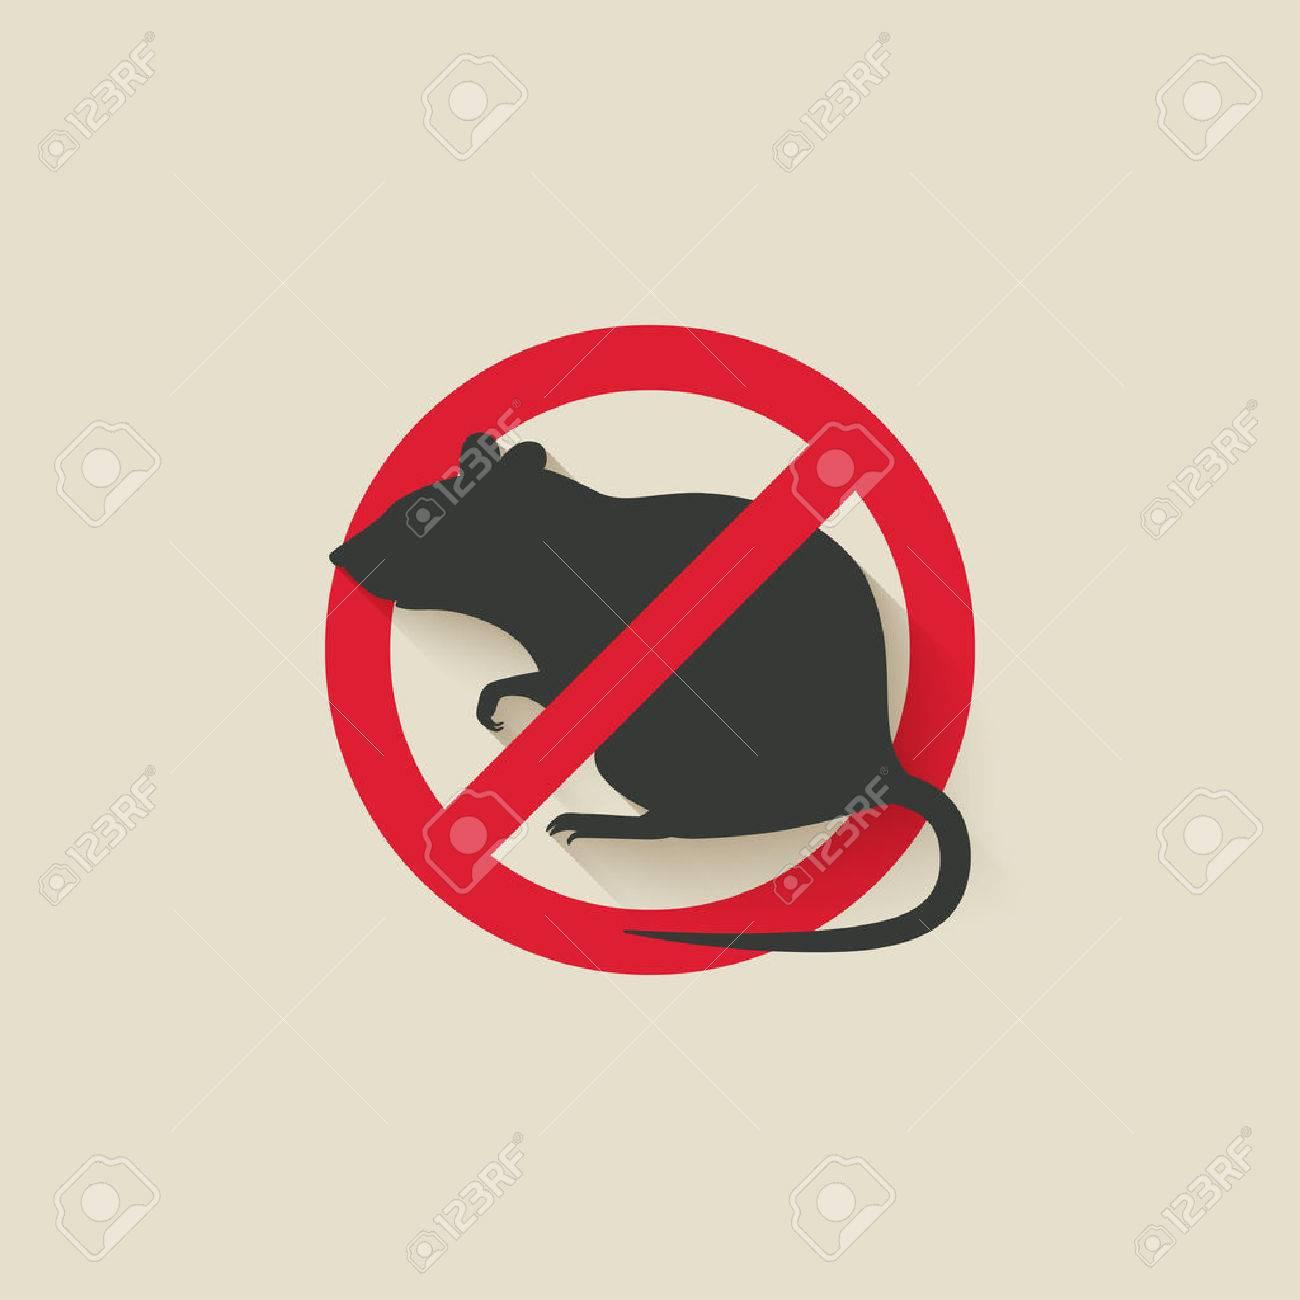 rat warning sign. vector illustration - eps 10 - 52068781